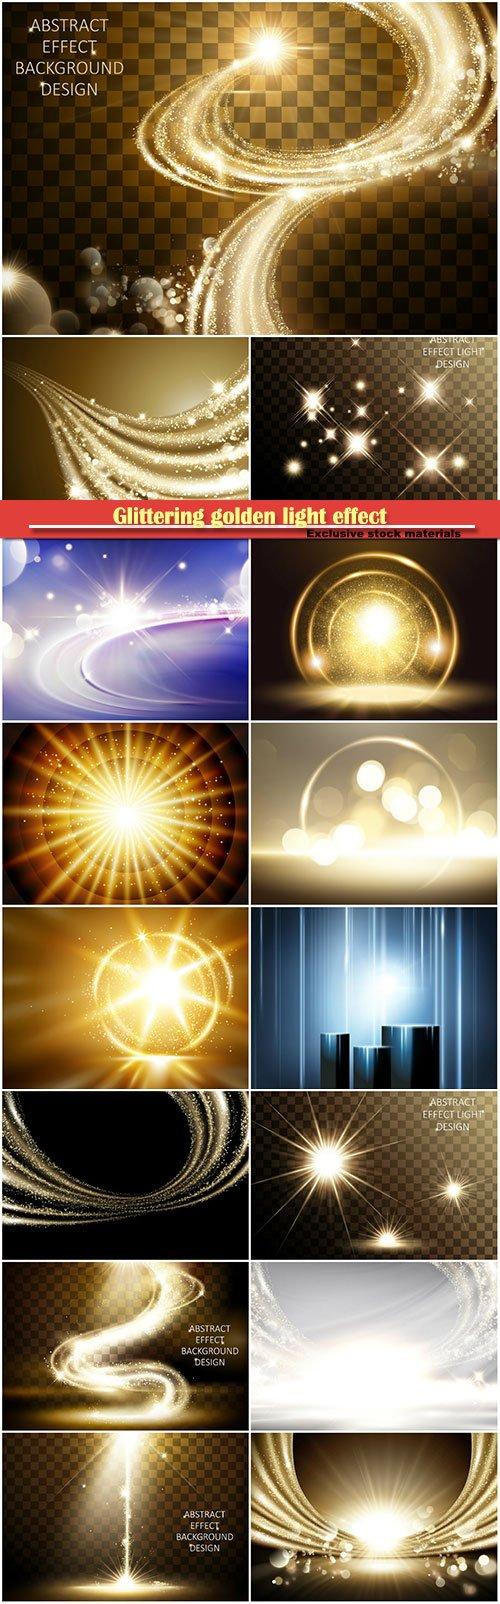 Glittering golden light effect, satin vector background